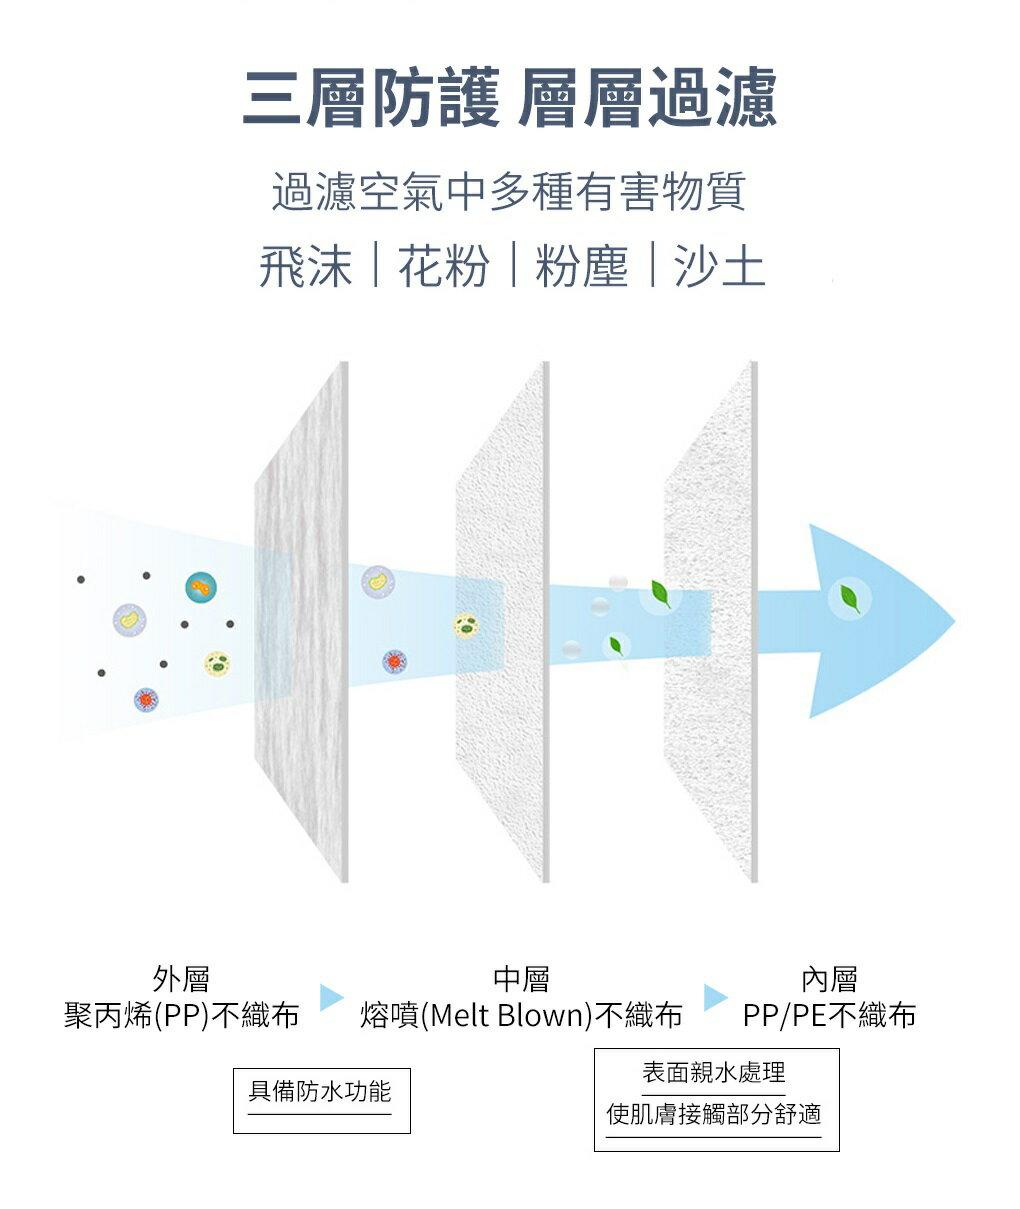 【10倍點數】台灣製MIT 防疫必備 連鎖速食餐飲專用 外銷日本 口罩  三層結構防護全罩3D立體口罩 #非醫療級商品 1